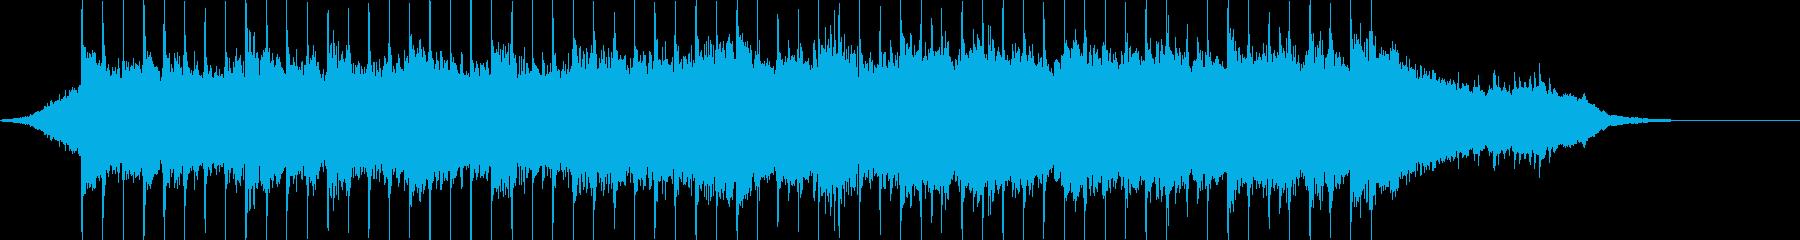 企業VP系73、爽やかギター4つ打ちcの再生済みの波形